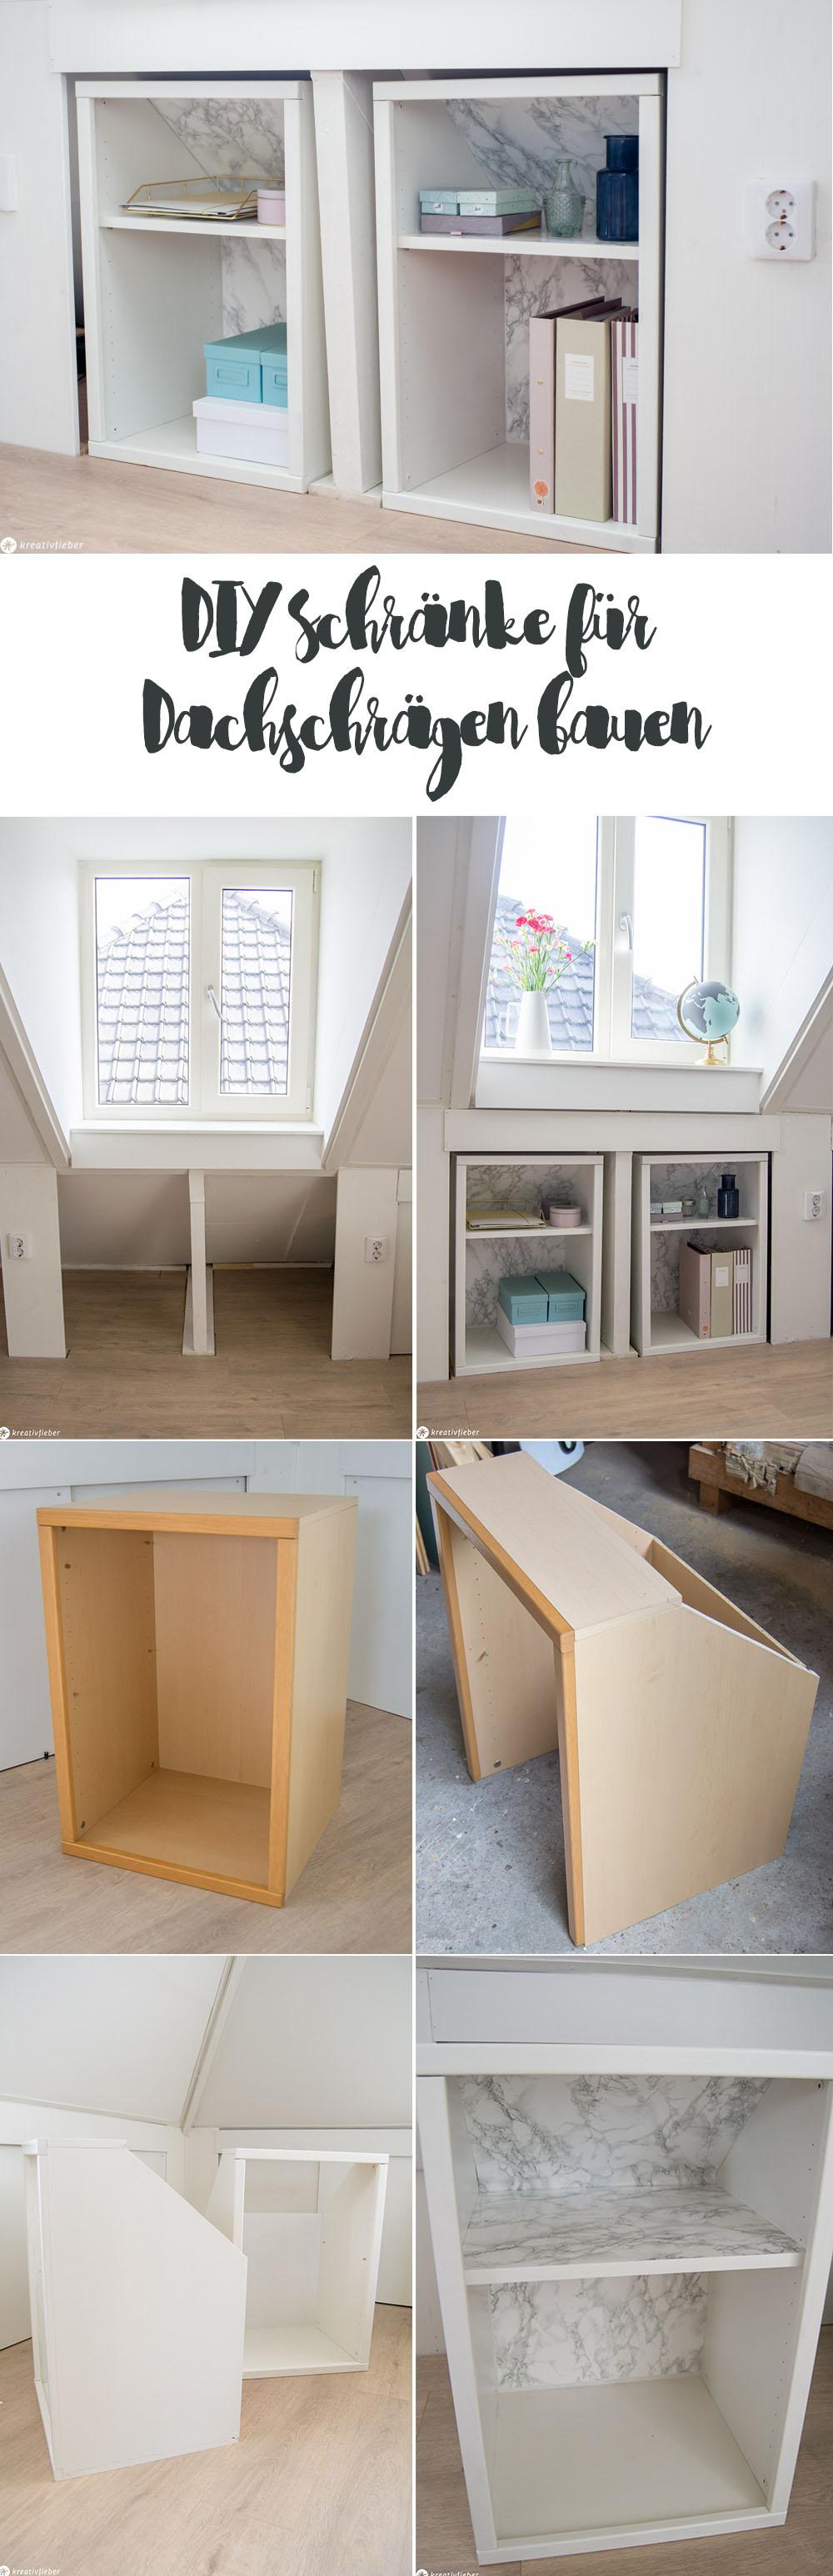 Anleitung Schrank für Dachschräge bauen